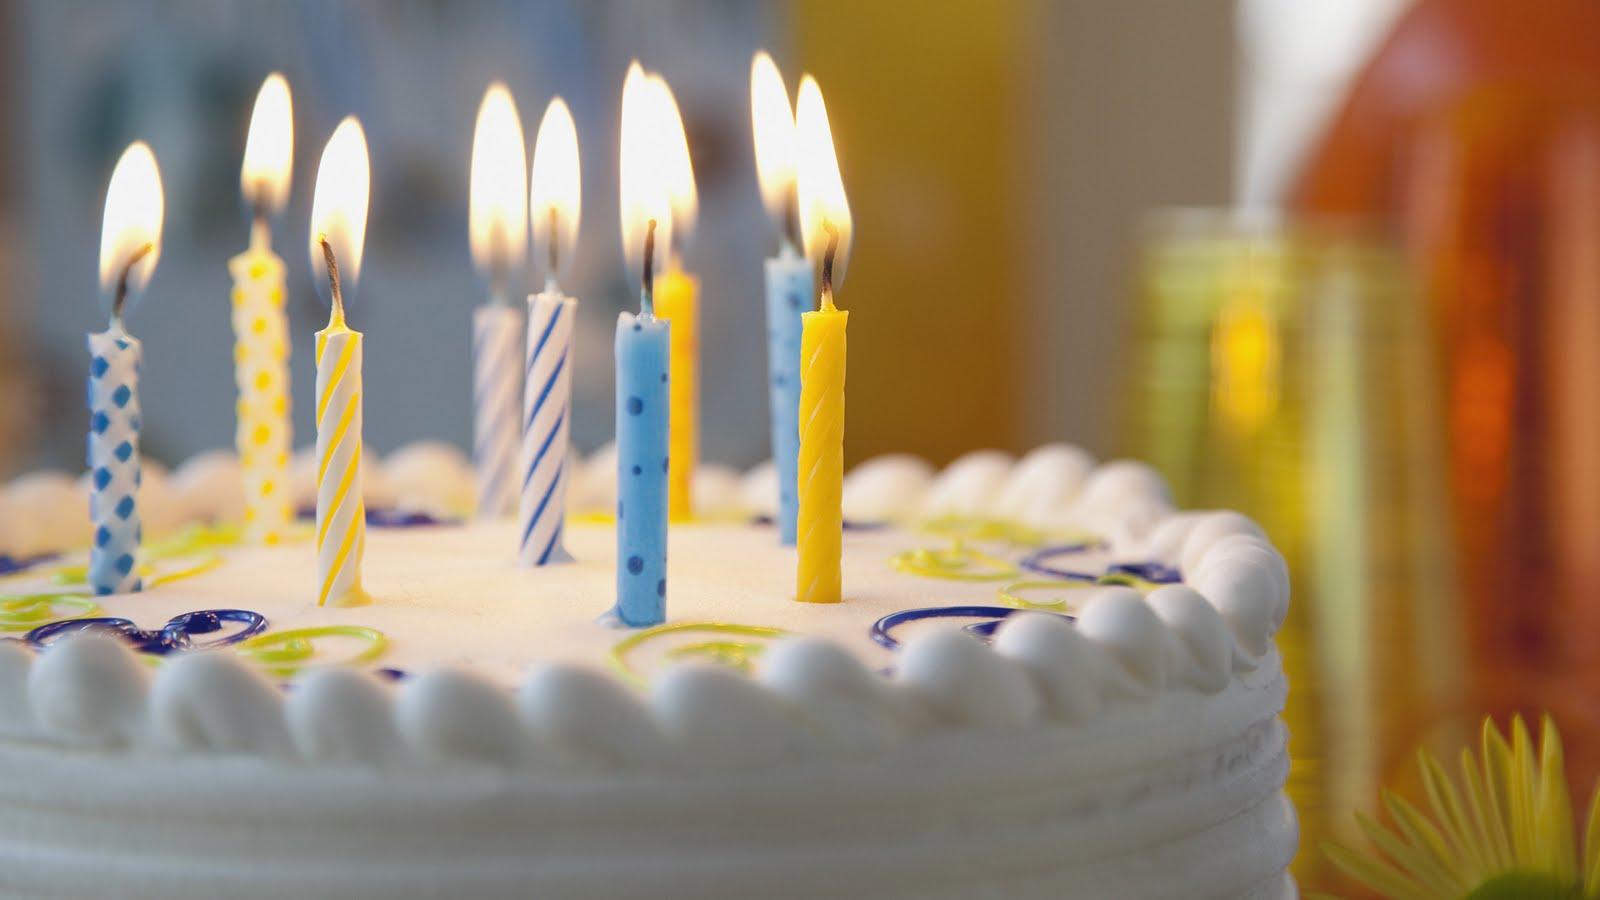 http://4.bp.blogspot.com/-OfDe3oHAQr4/Ty9BNOwqi1I/AAAAAAAAOLE/JPSBHFYCtQI/s1600/happy-birthday-to-you-1080p-hd-wallpaper.jpg